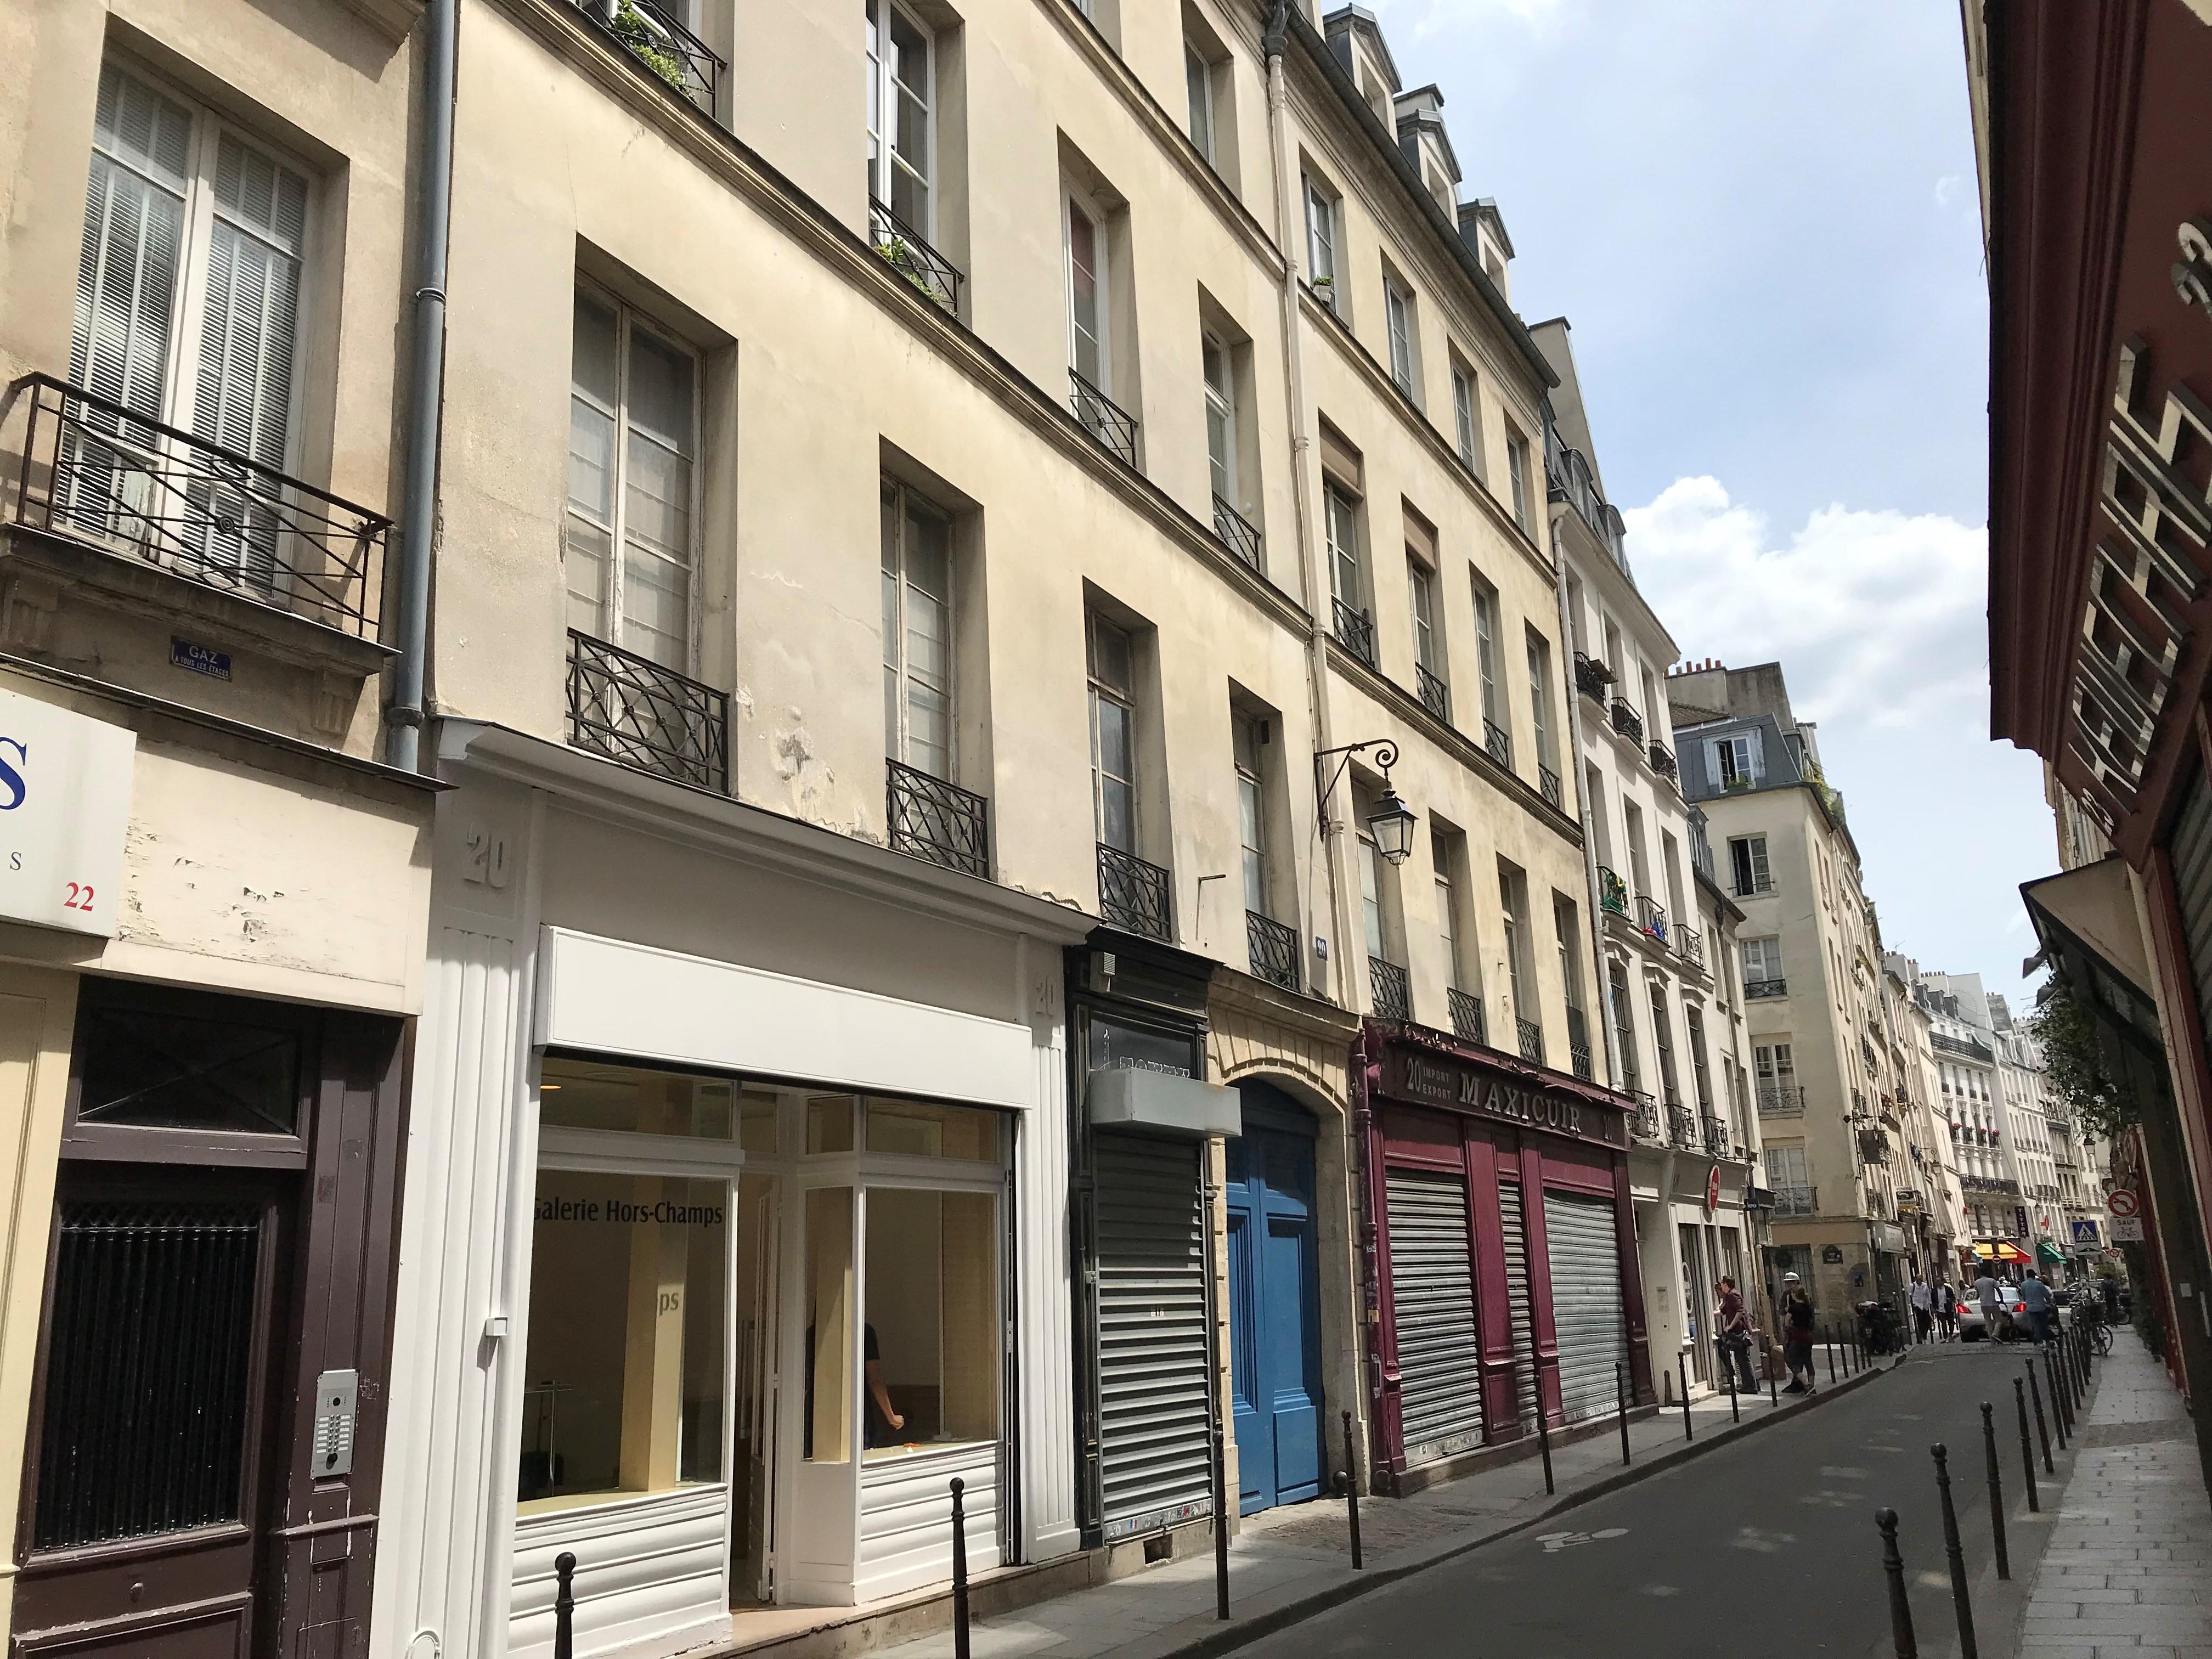 Projet Le Coeur du Marais, un exemple d'investissement de crowdfunding en obligation immobilière financé sur Fundimmo.com